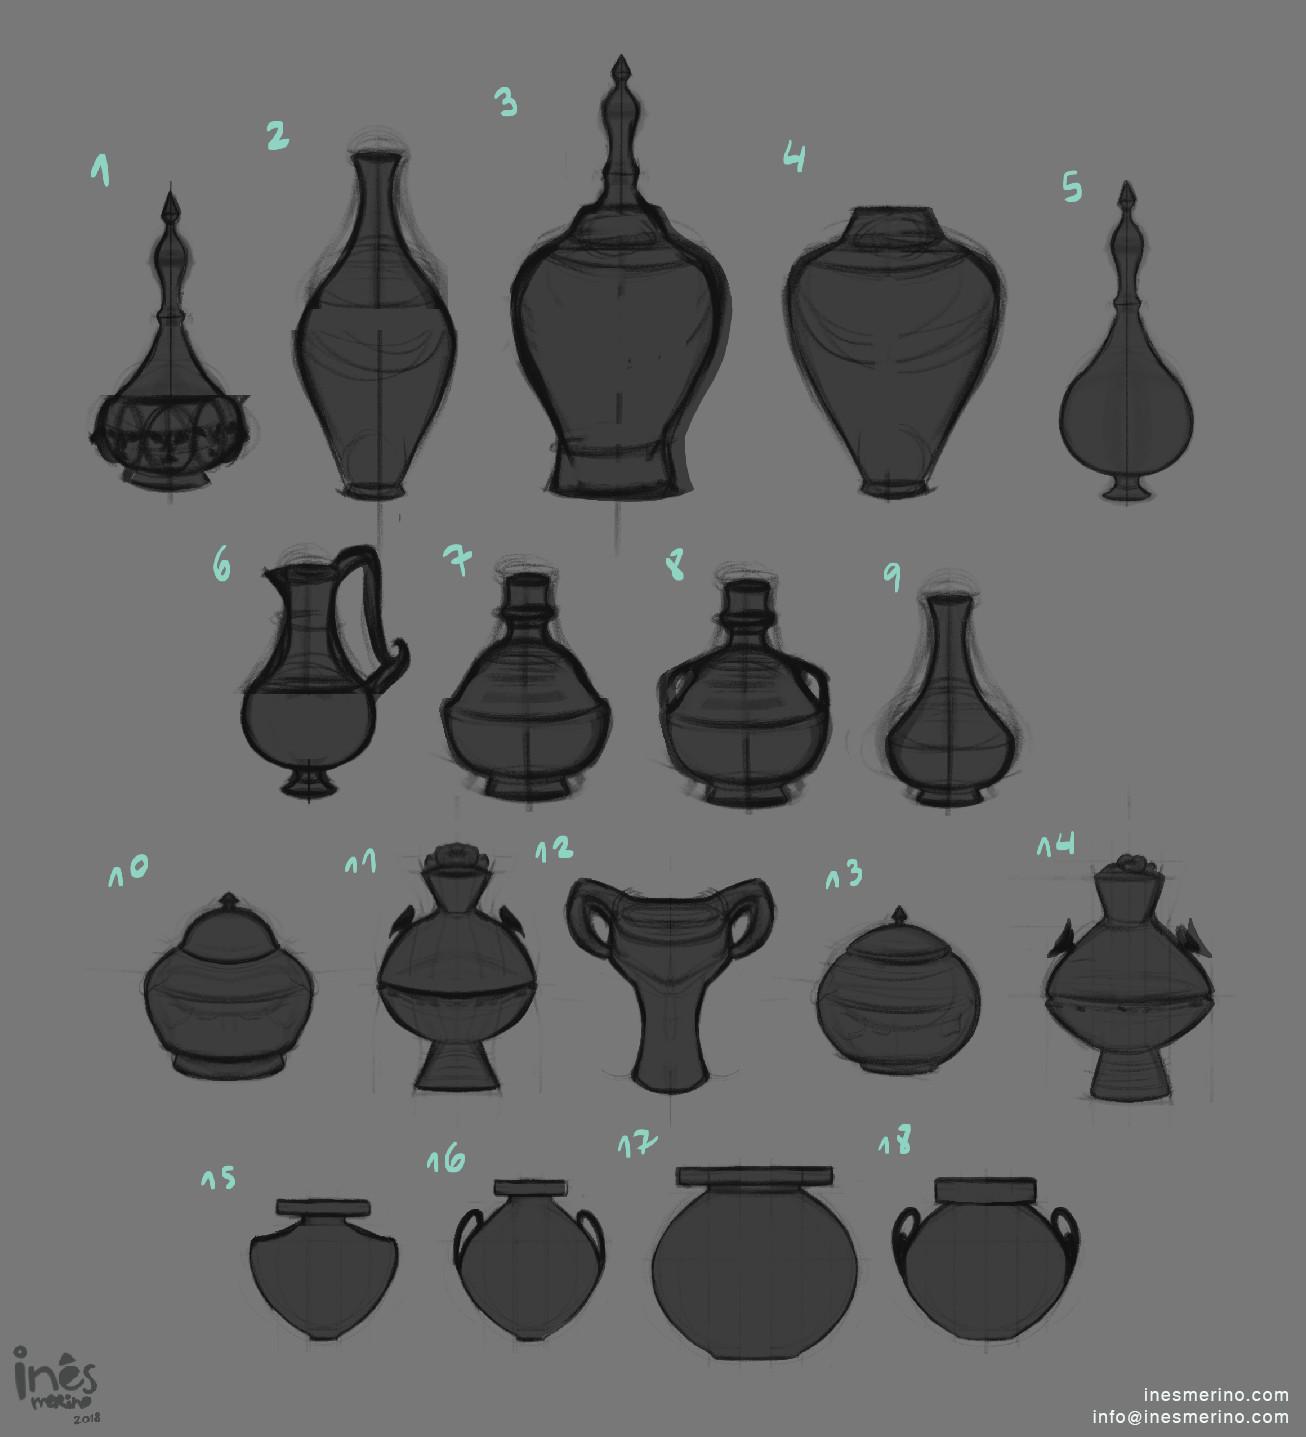 Ines merino 1801 sands vase presnt01 3